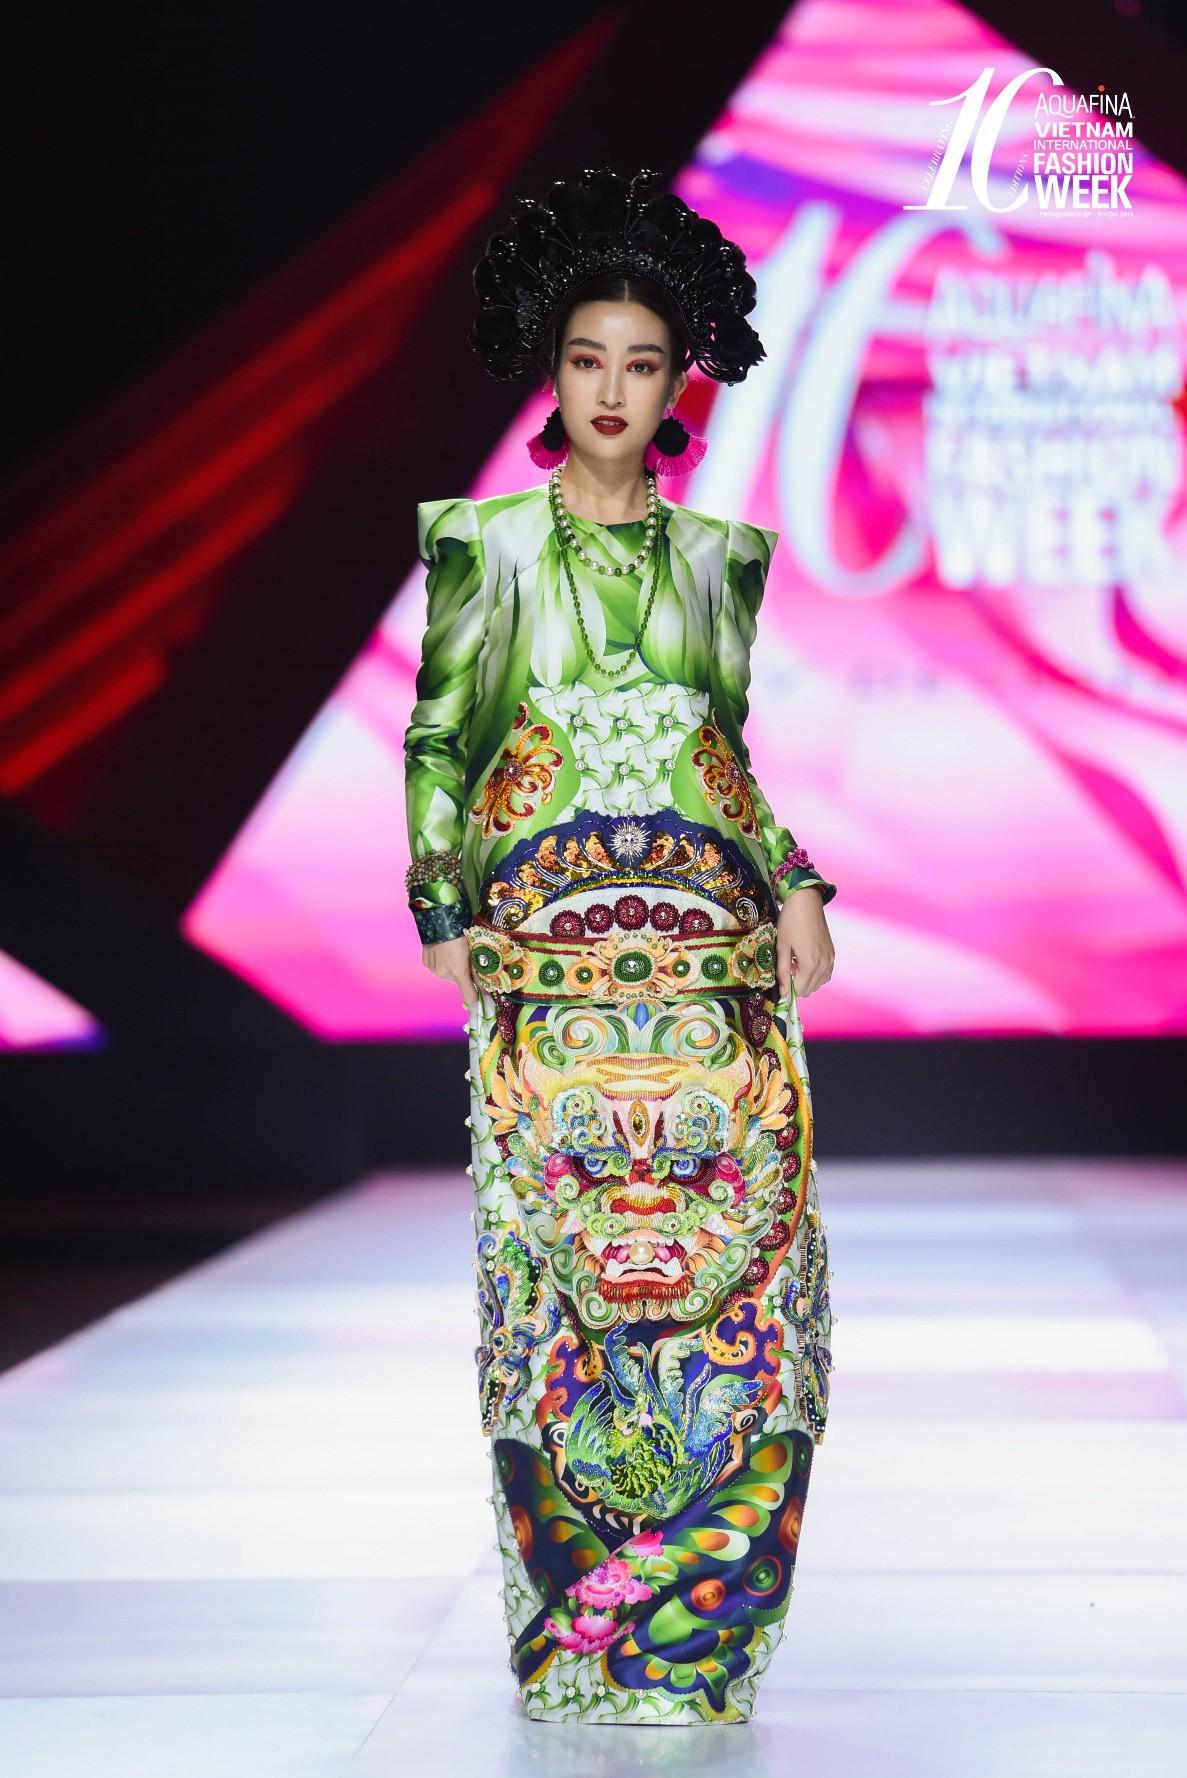 Điểm sáng khiến giới mộ điệu trầm trồ tại Tuần lễ Thời trang Quốc tế Việt Nam 2019 - Hình 4